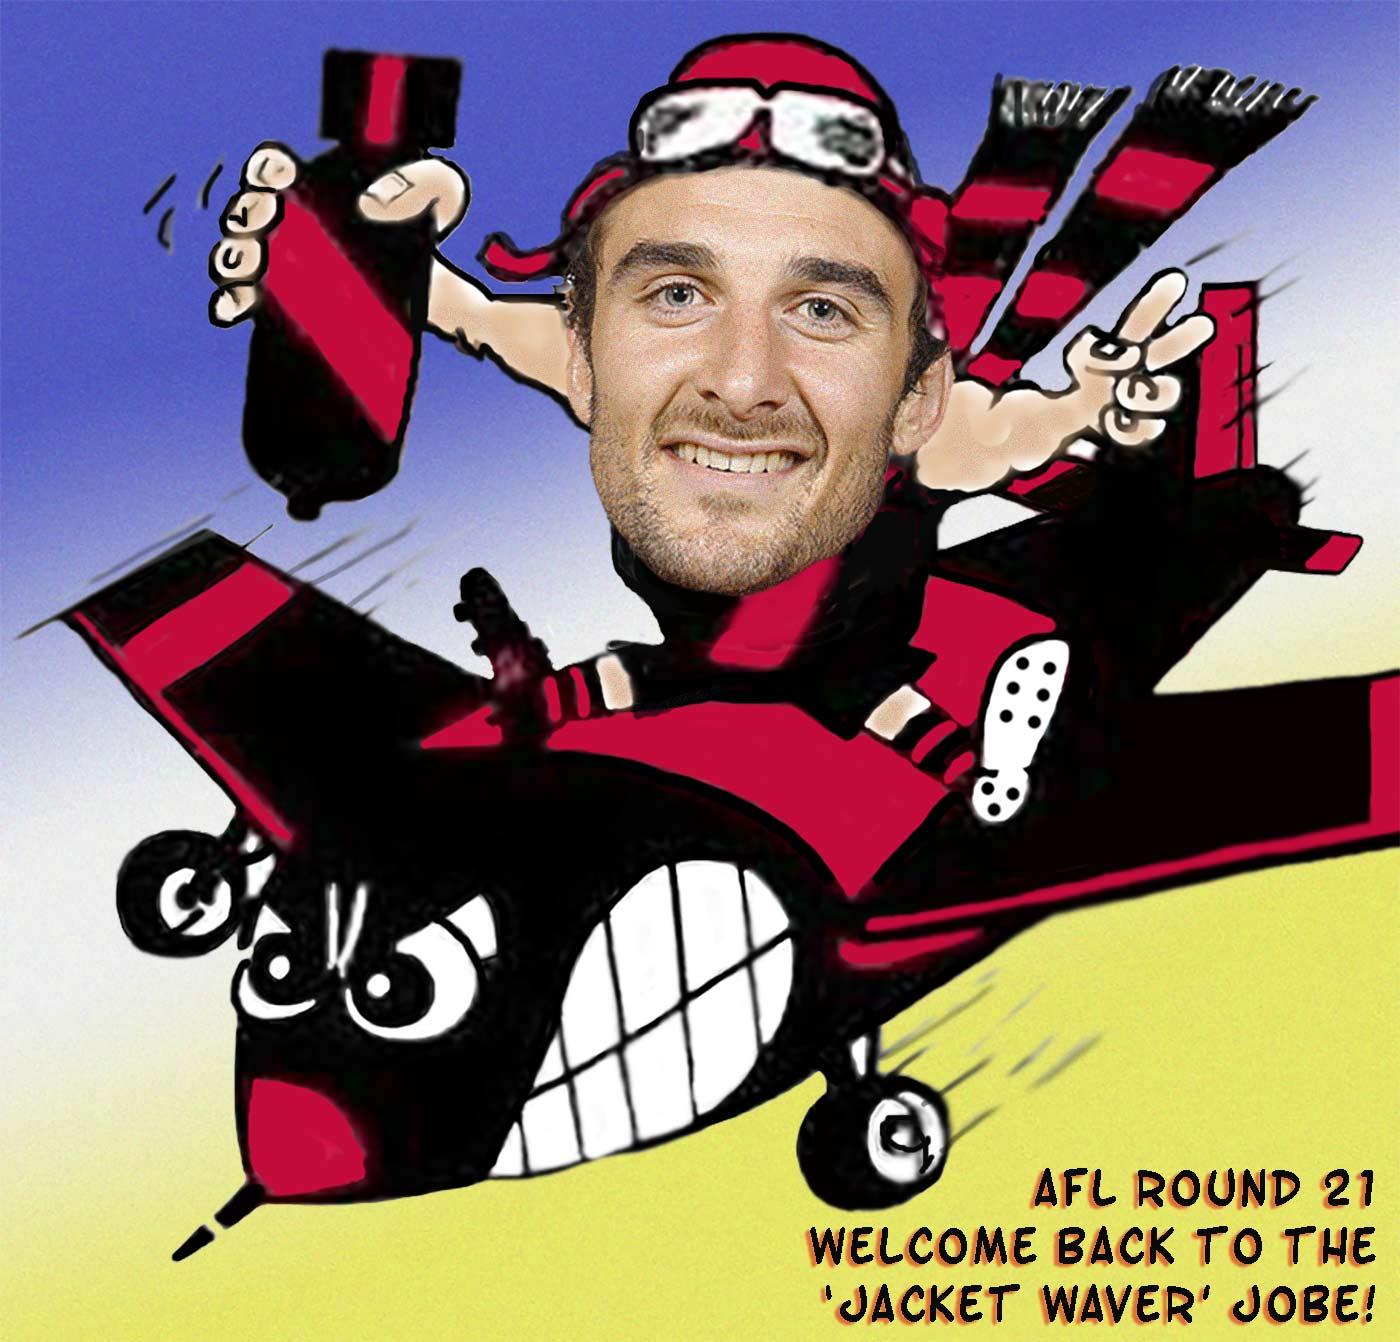 AFL-Round-21-Welcome-Back-Jobe.jpg